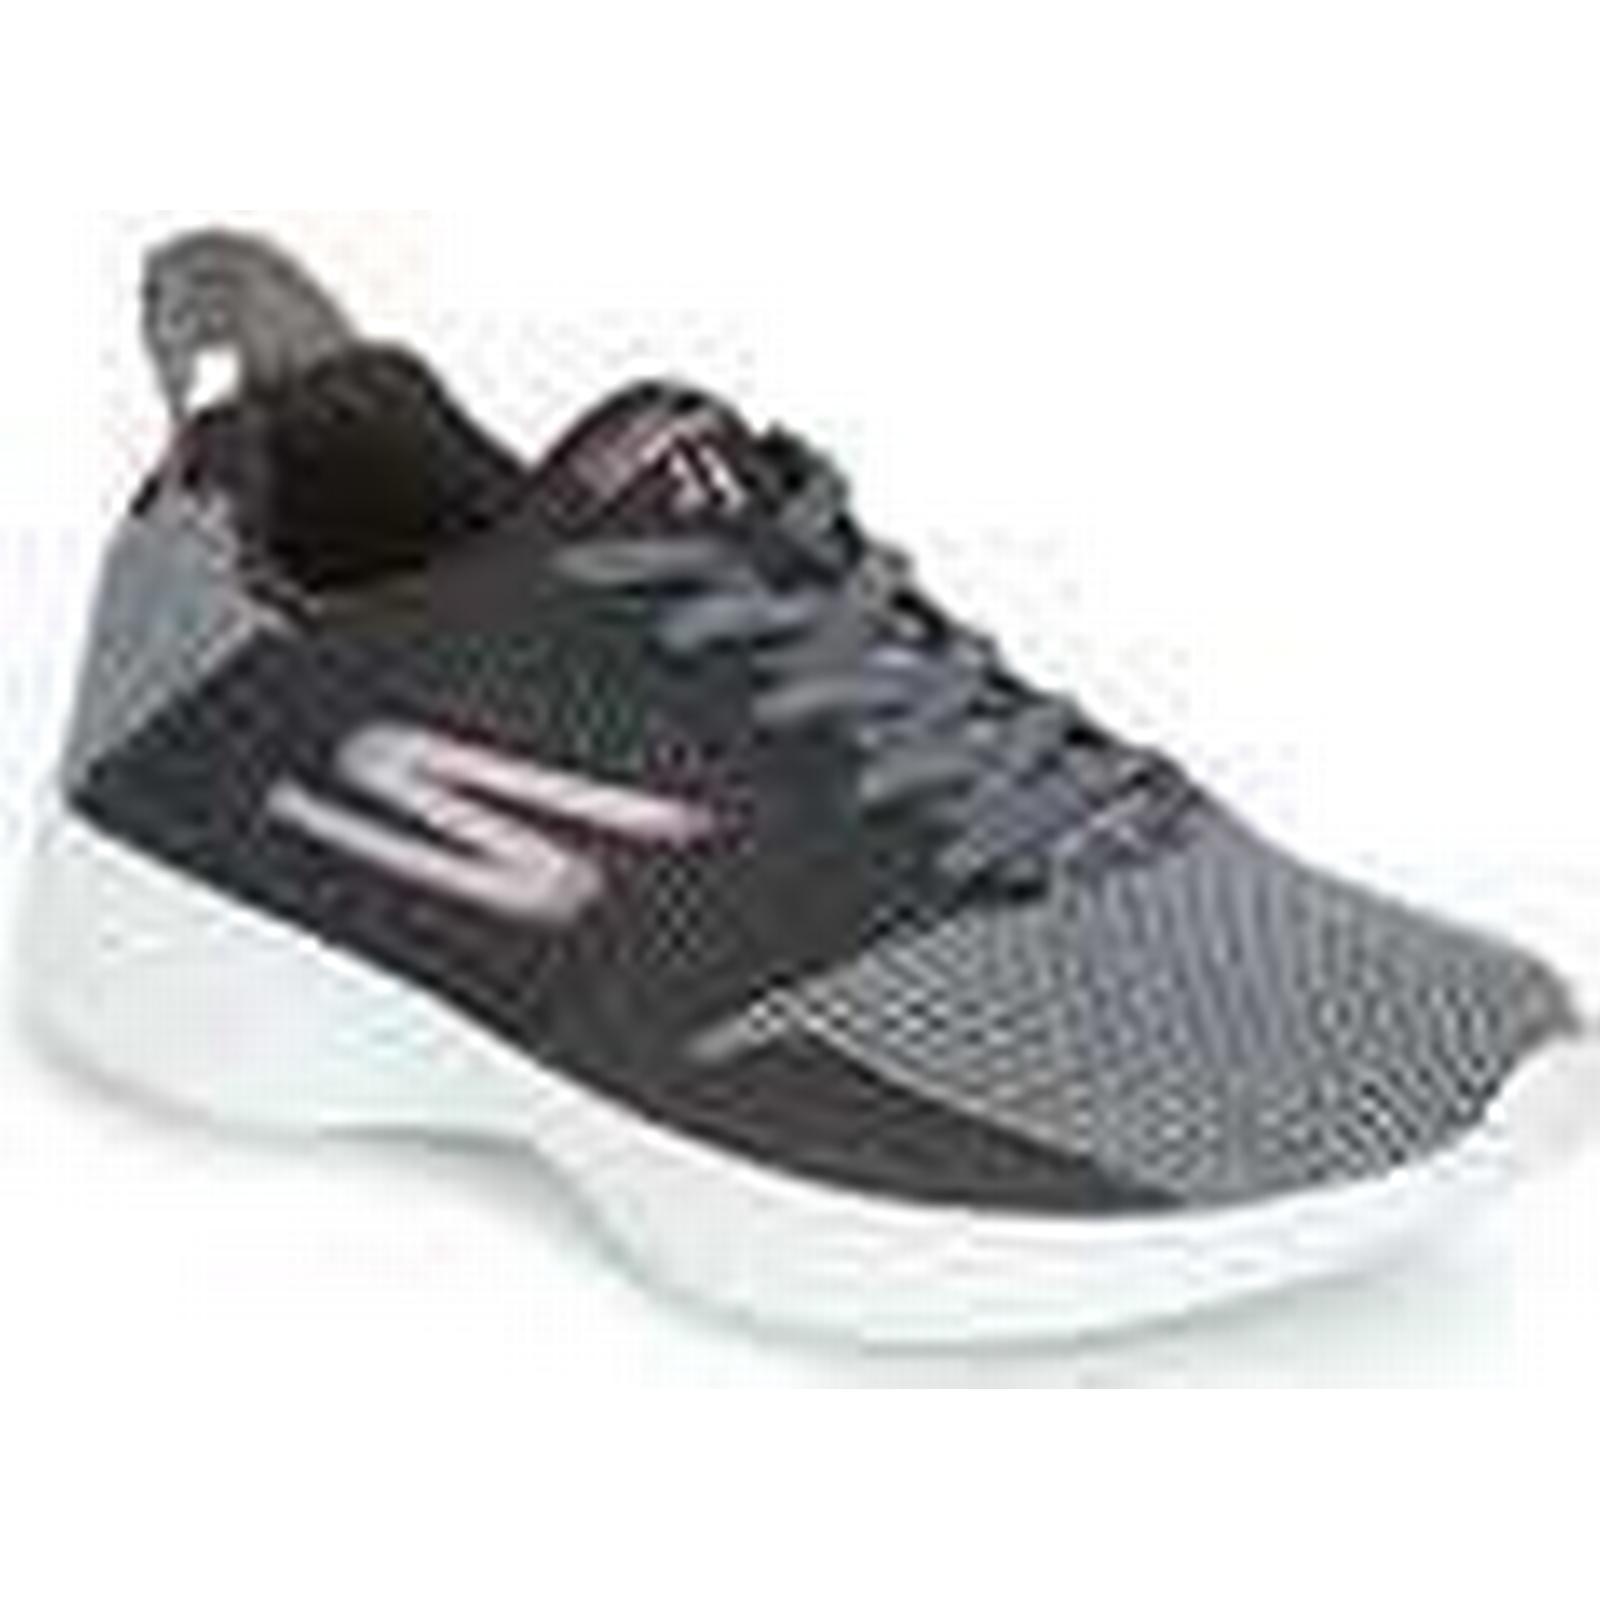 Skechers   GO WALK 4  Skechers women's Sports Trainers (Shoes) in Black 74bec6